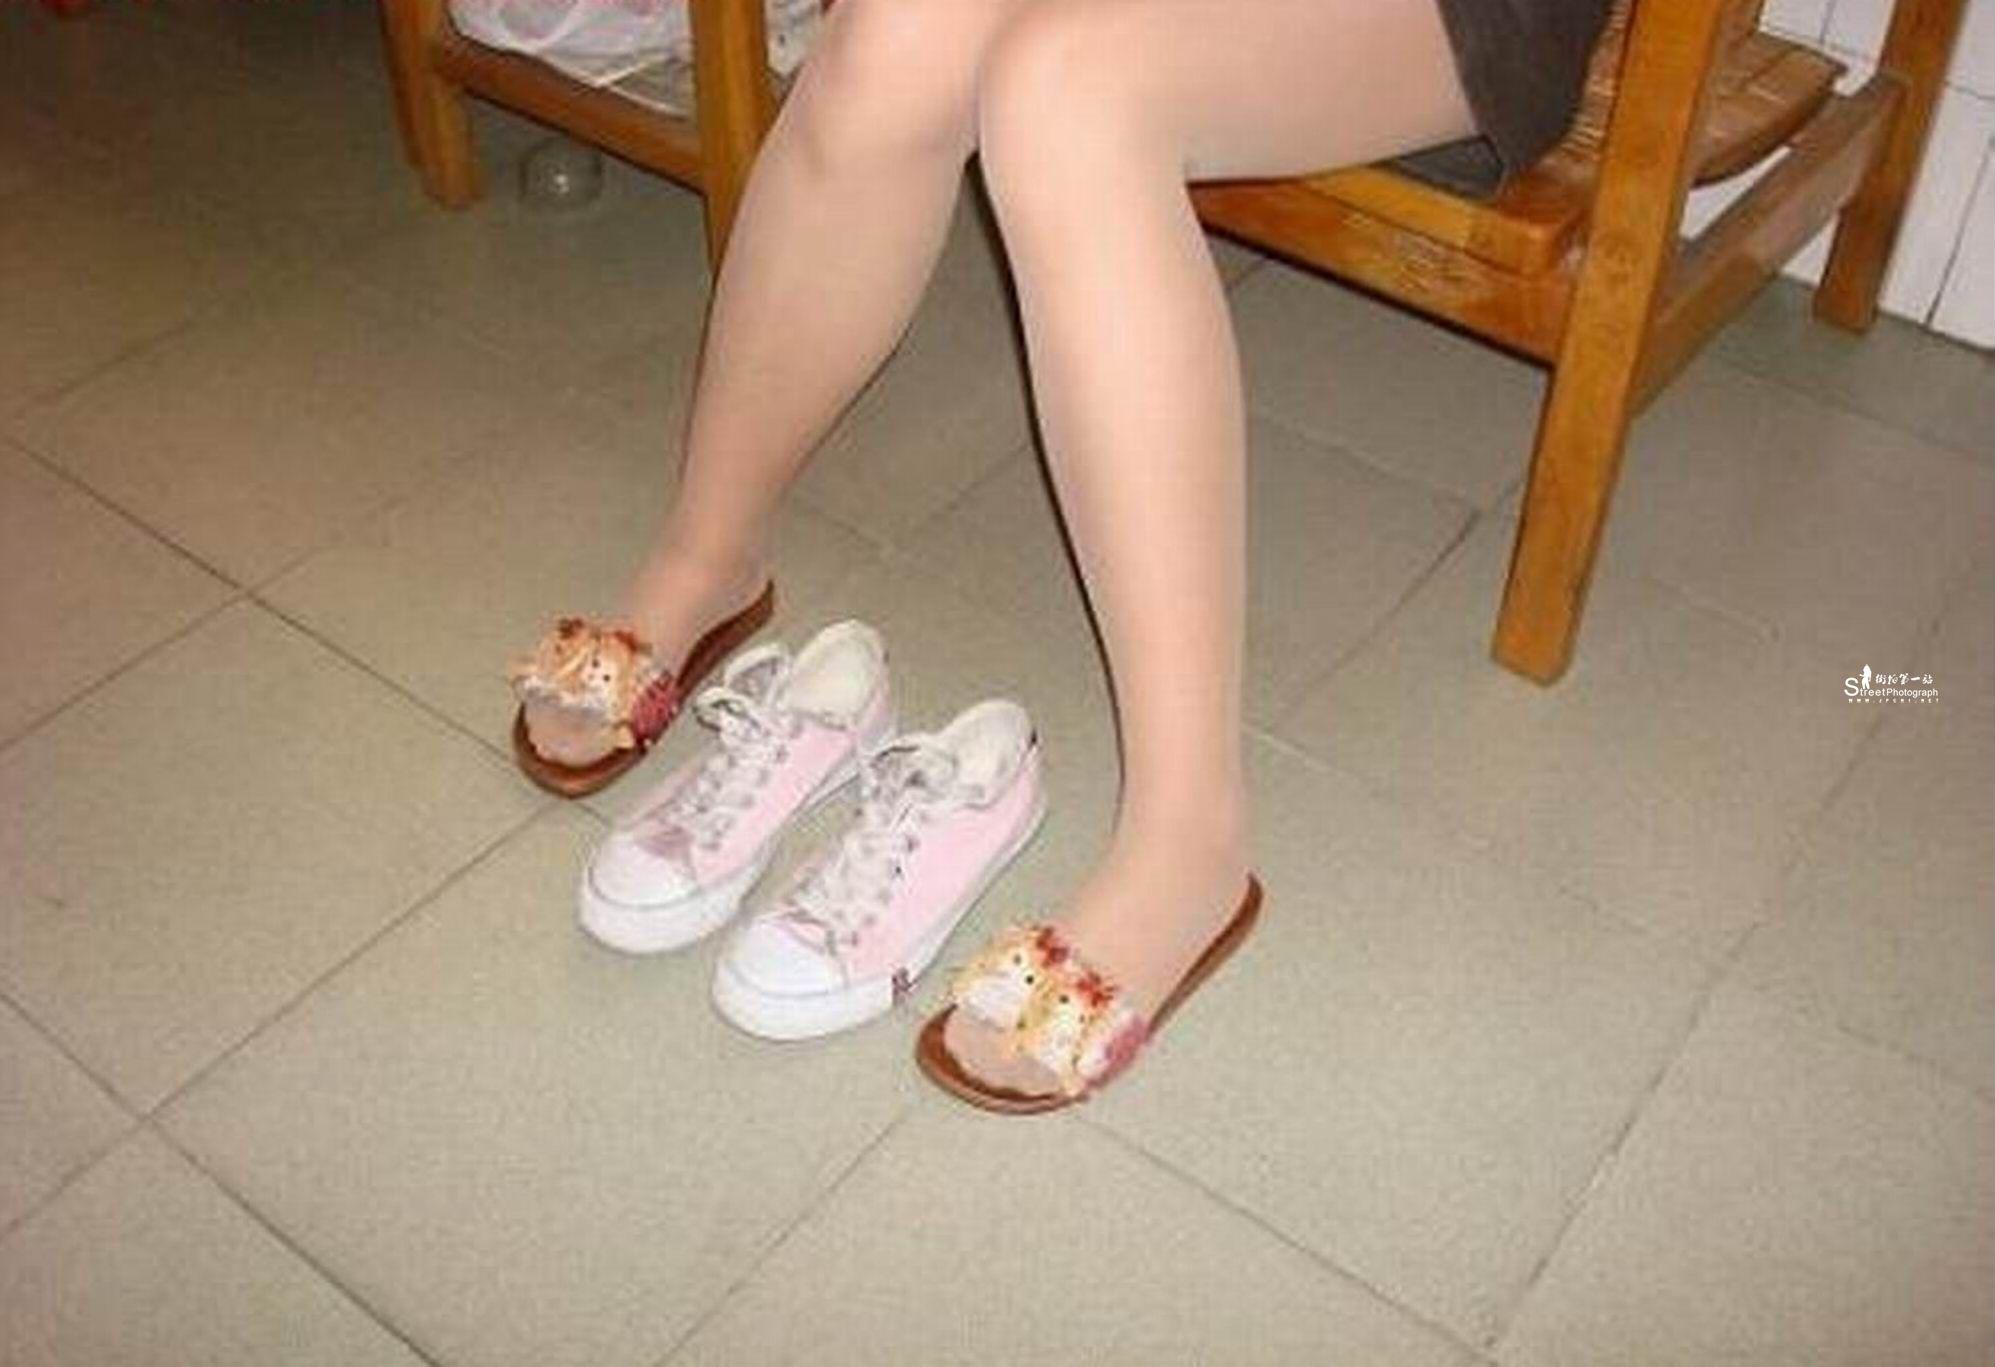 我对女生的脚没有多大